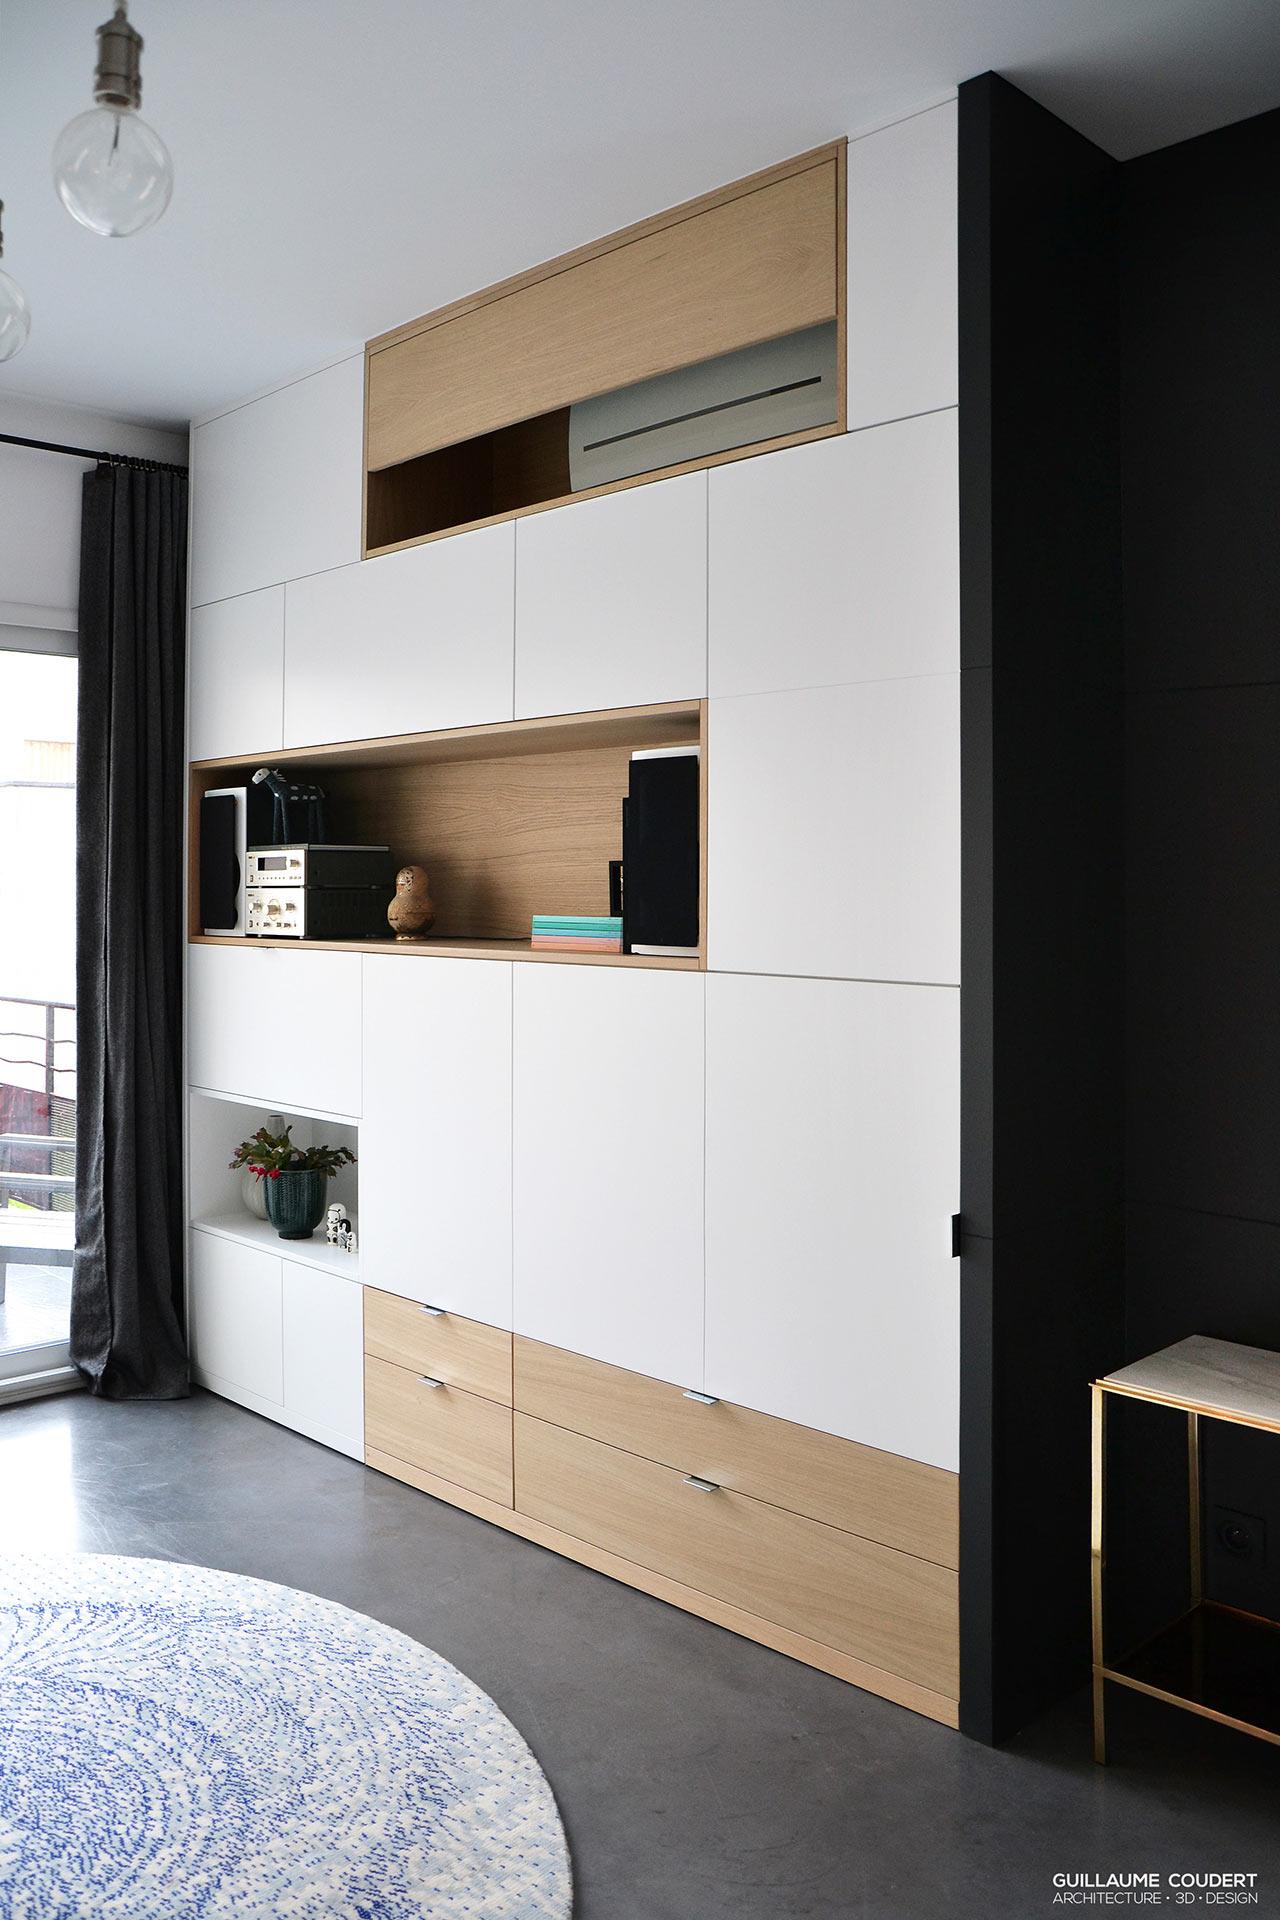 Meuble Entr E Meuble Salon Guillaume Coudert Architecture D  # Cacher Tv Salon